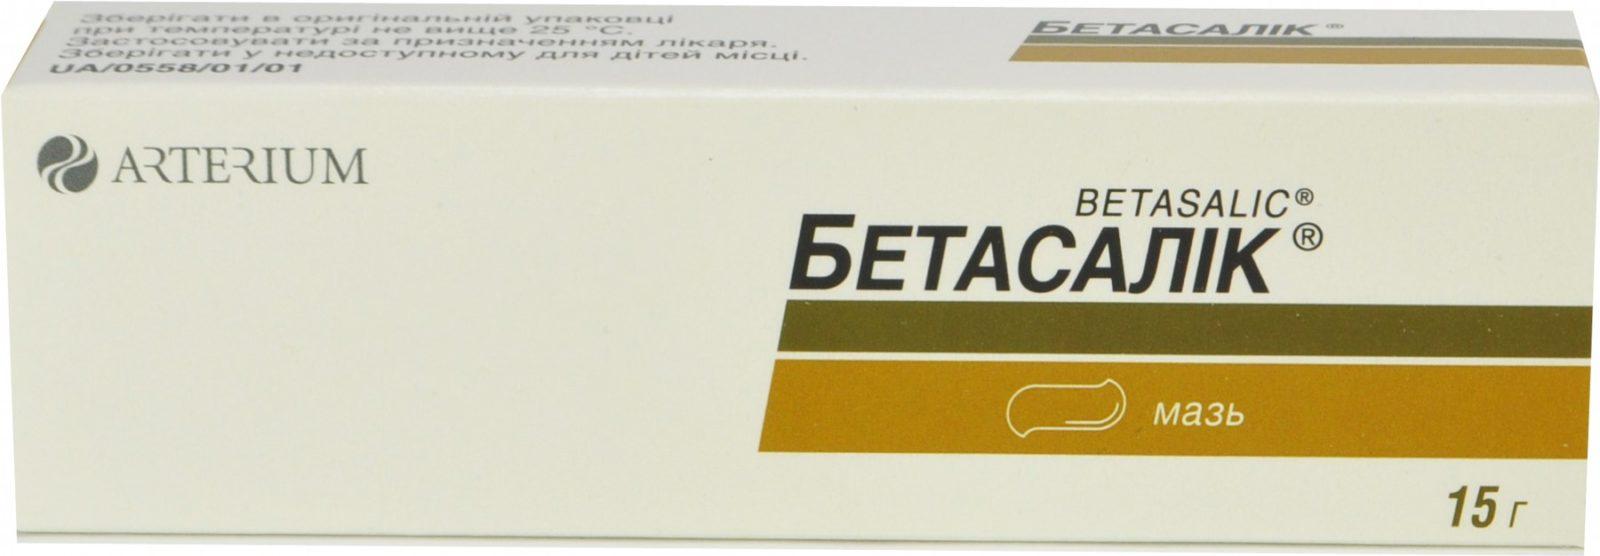 Бетасалк